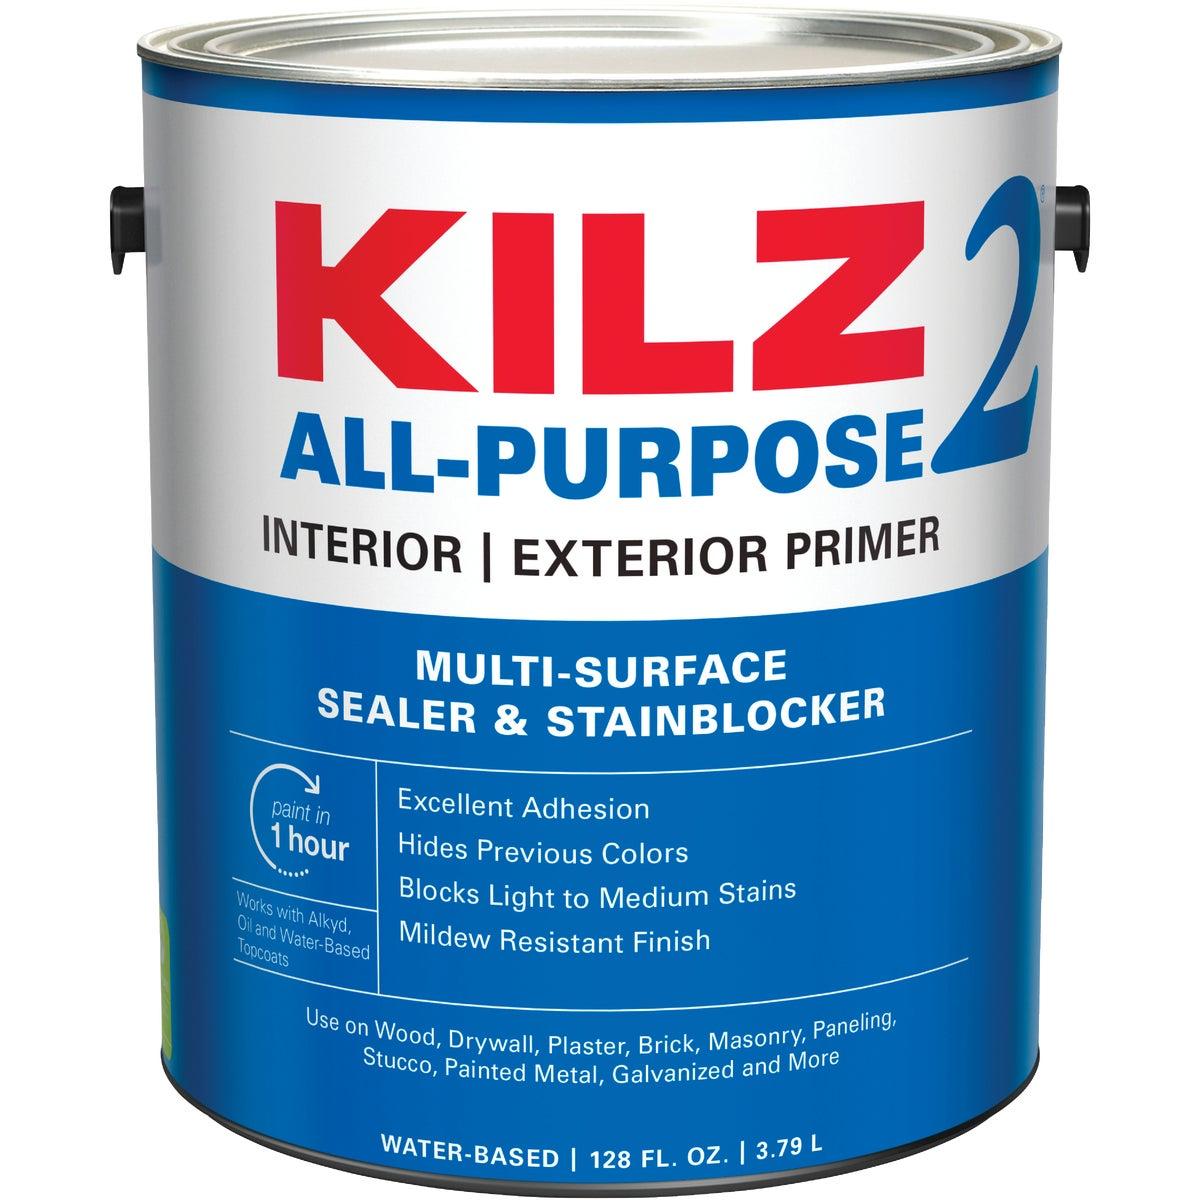 KILZ 2 INT/EX LTX PRIMER